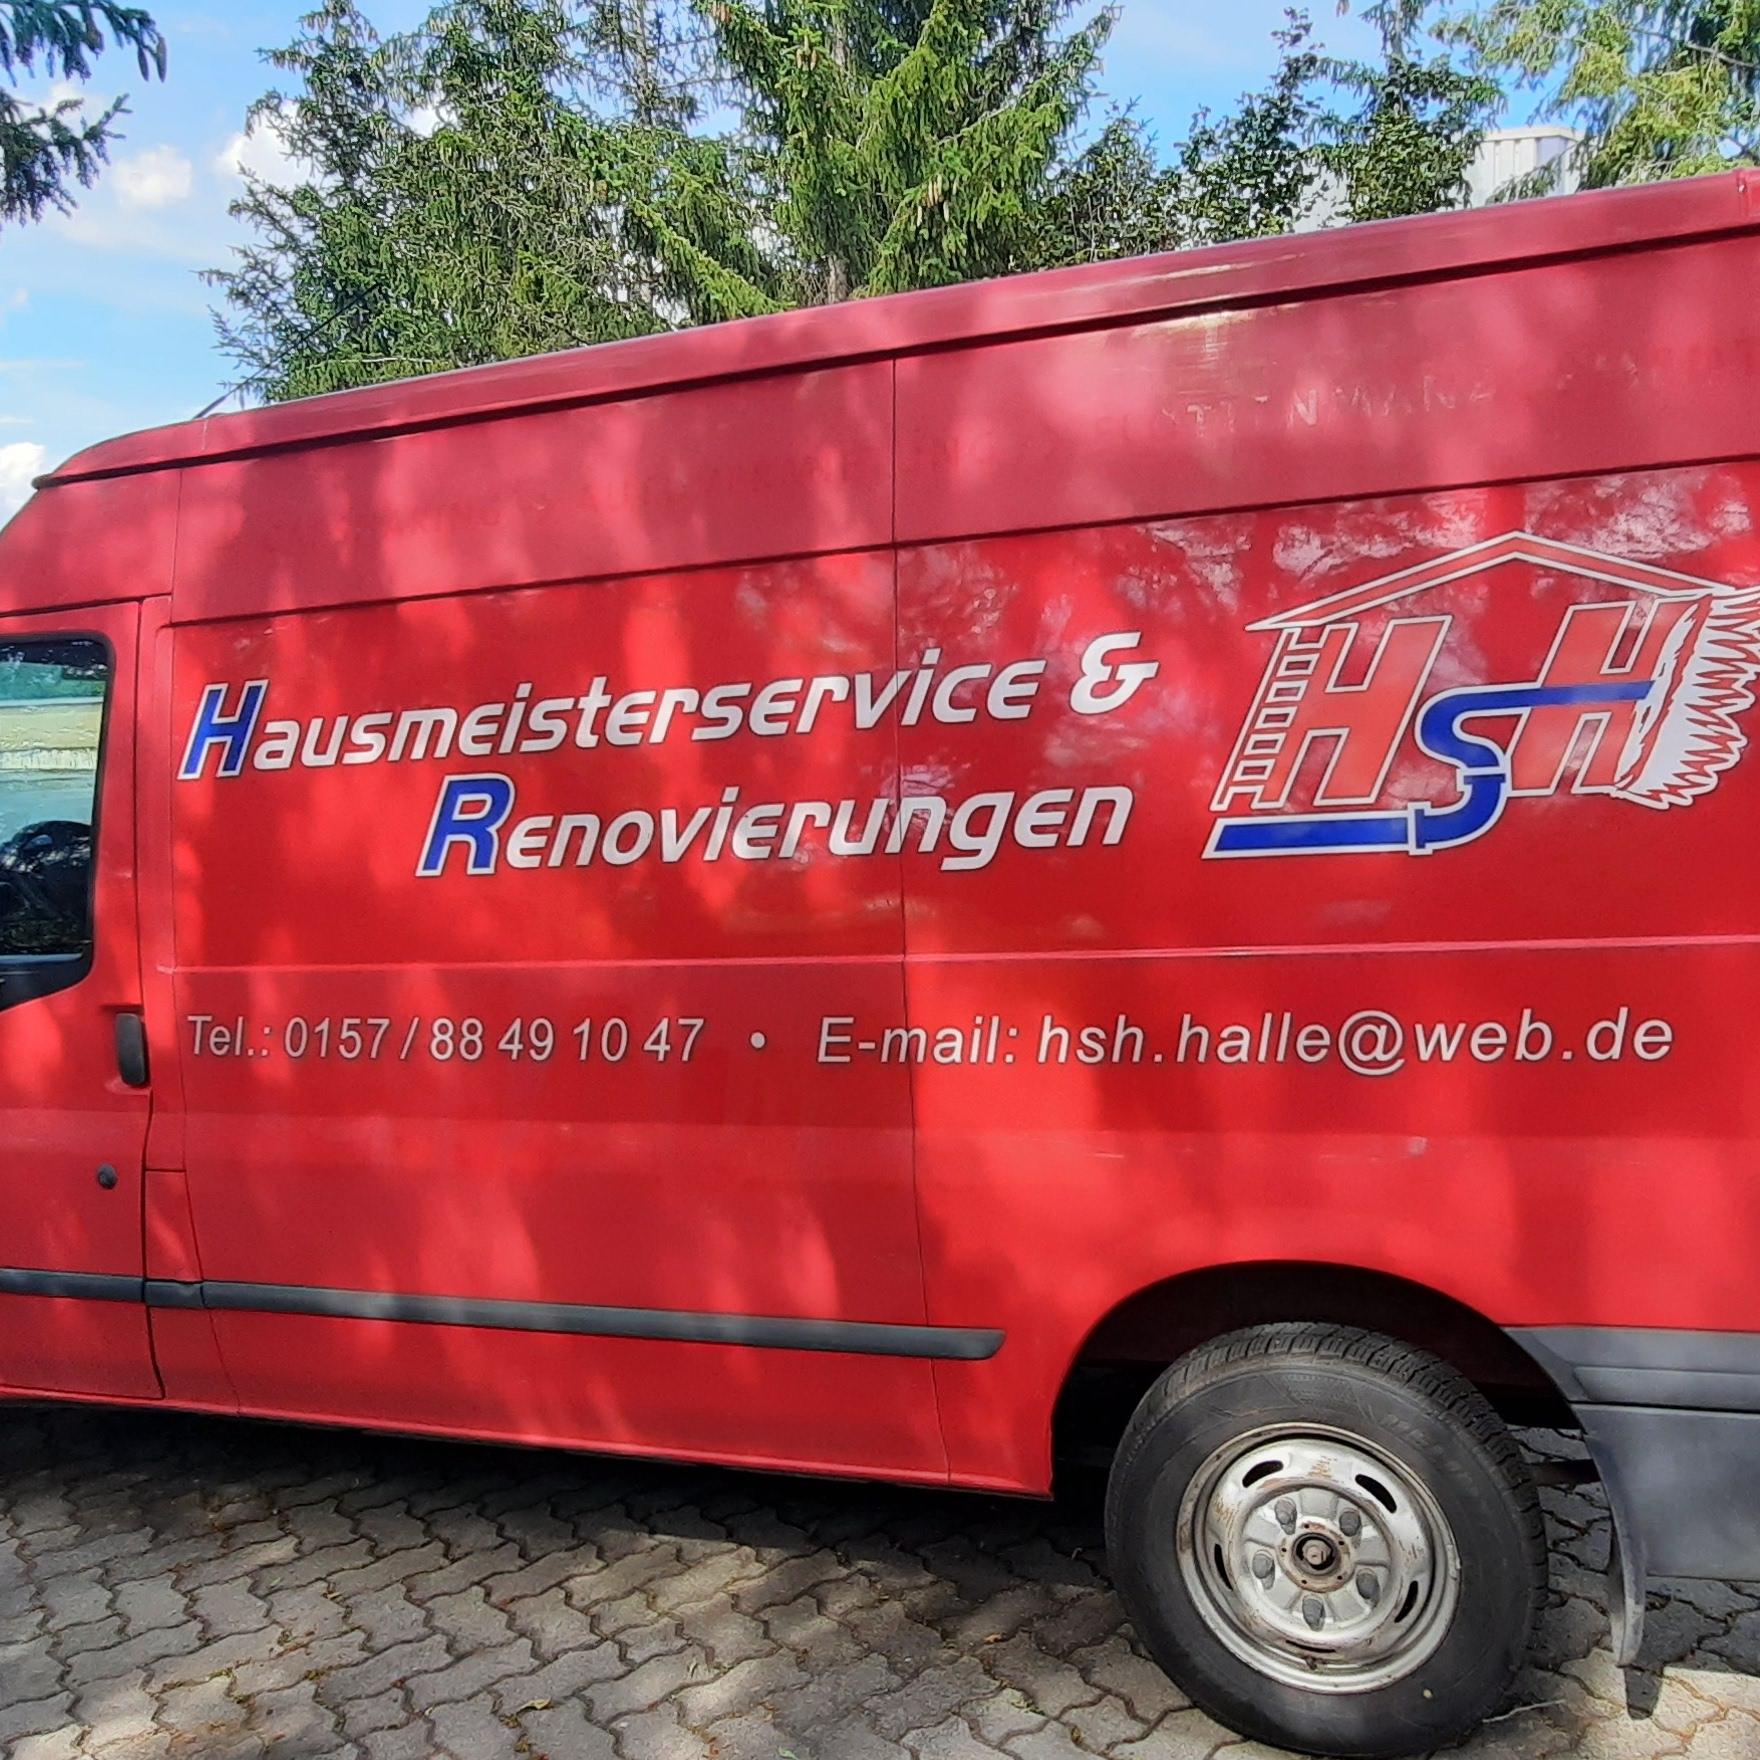 Hausmeisterservice_Renovierungen_Halle